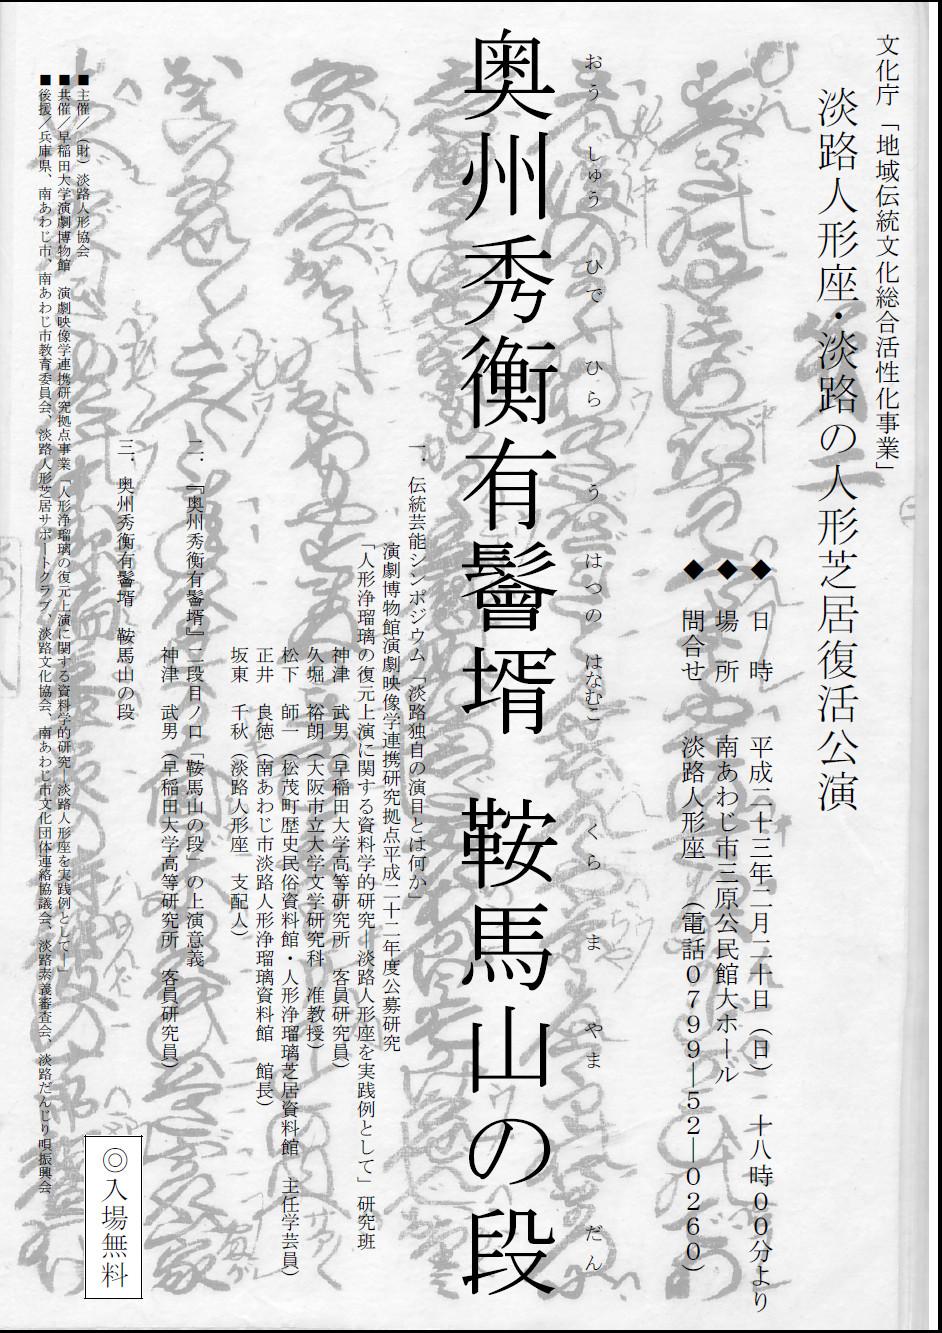 奥州秀衡チラシ表.jpg